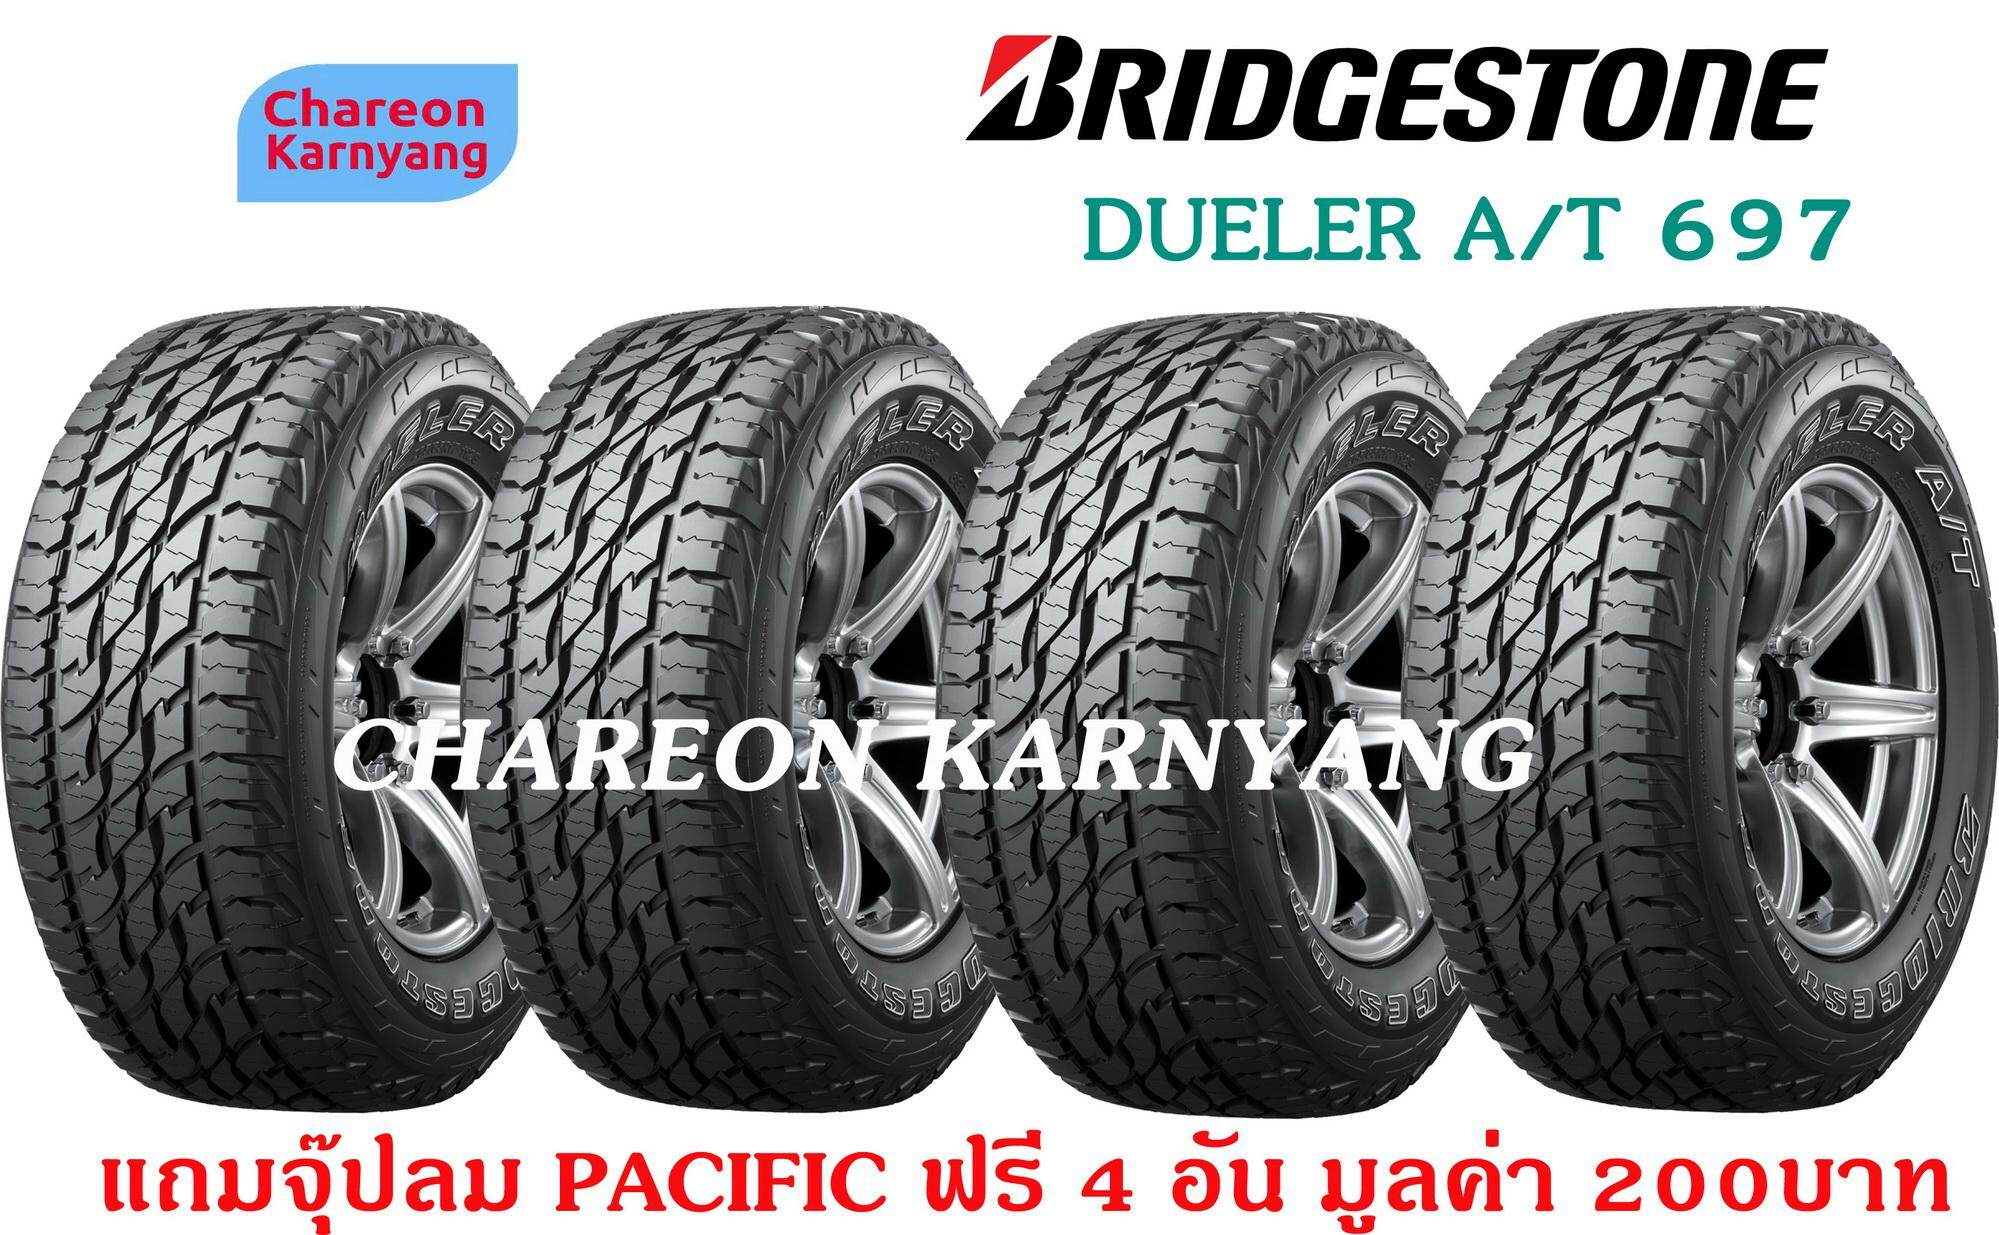 สุรินทร์ Bridgestone Dueler A/T 697 ปี 2019 (4 เส้น)